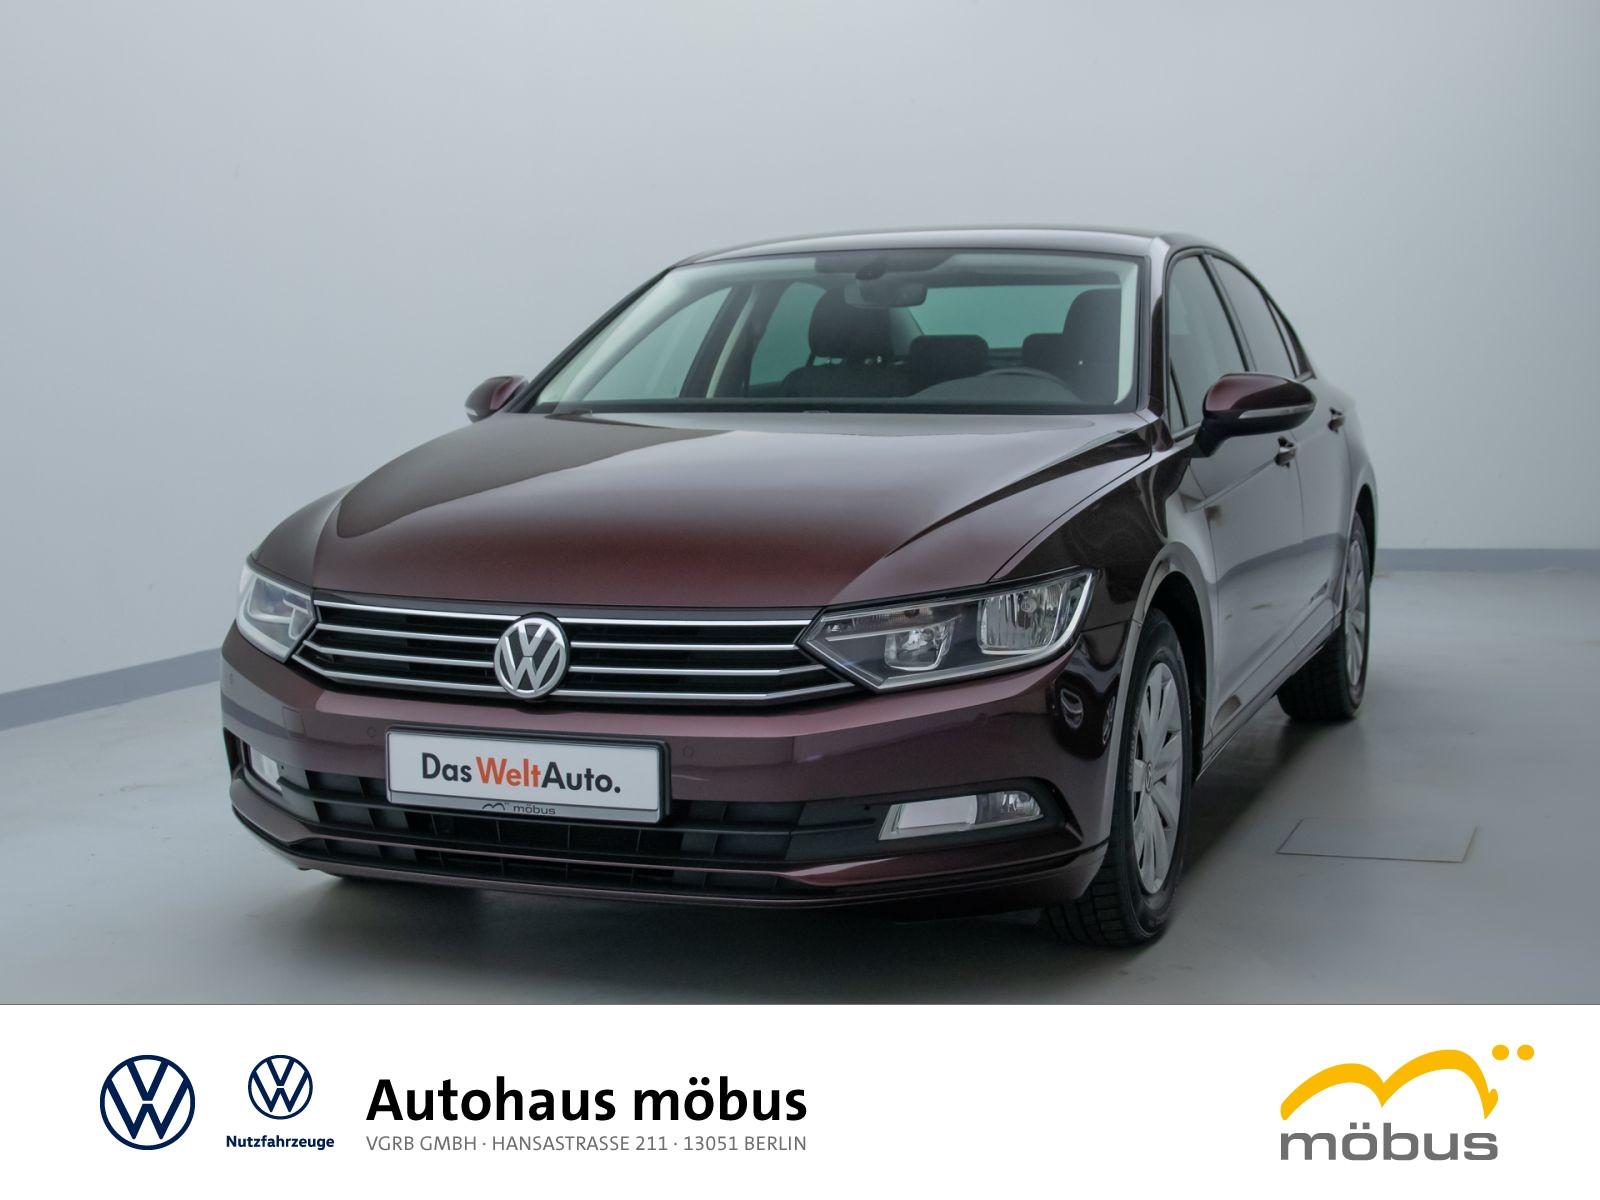 Volkswagen Passat 1.4 TSI DSG*TRENDLINE*NAVI*PDC*SITZHZ*USB, Jahr 2016, Benzin